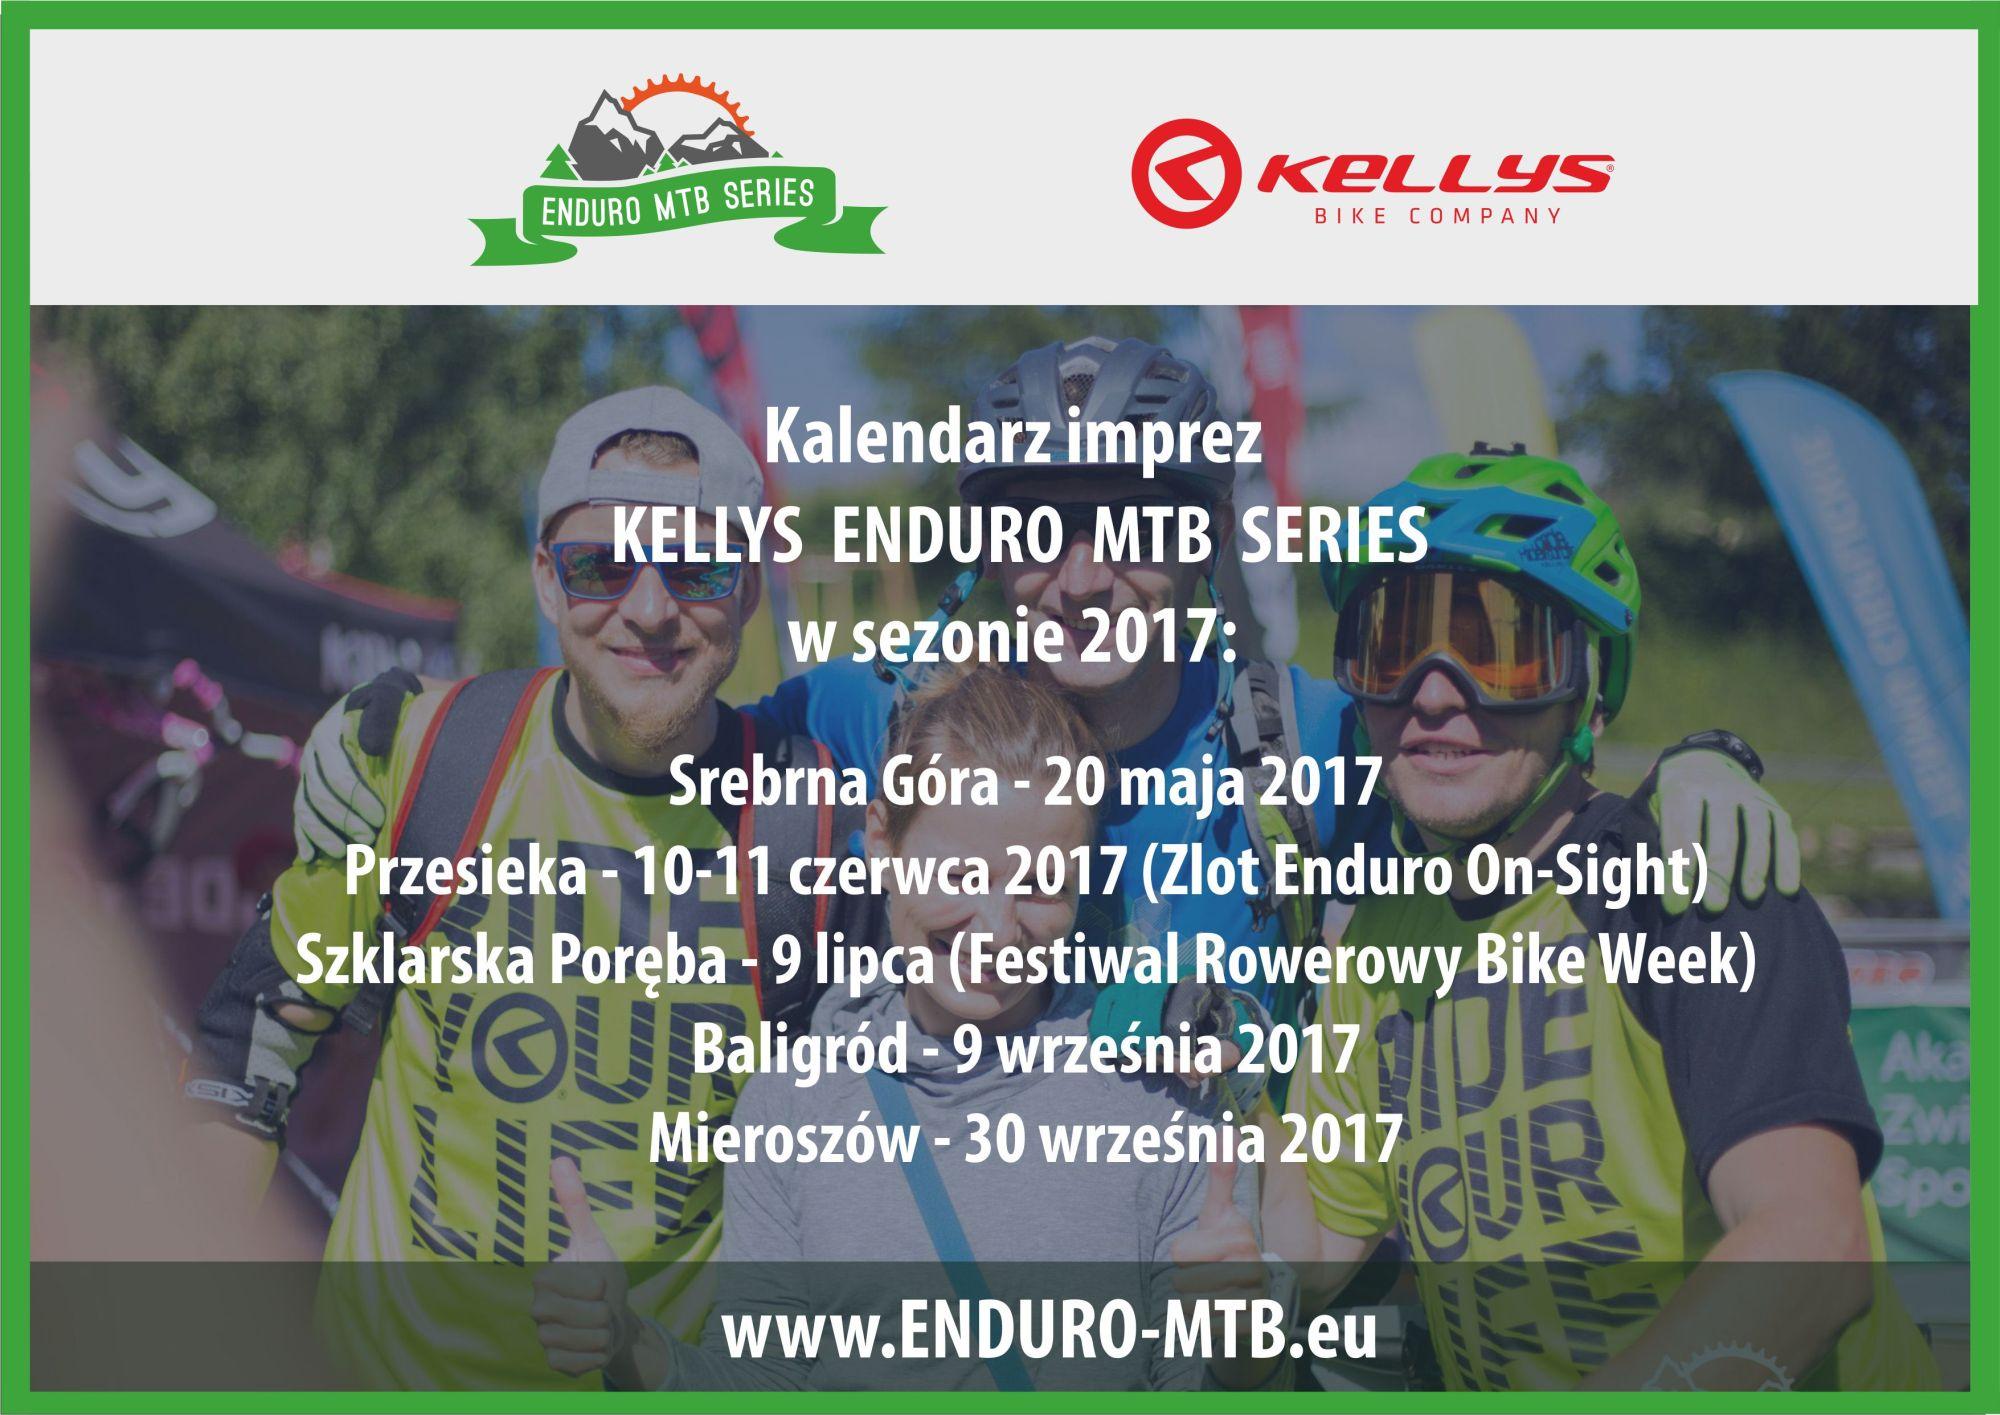 kalendarz_kellys_enduro_mtb_series_2017